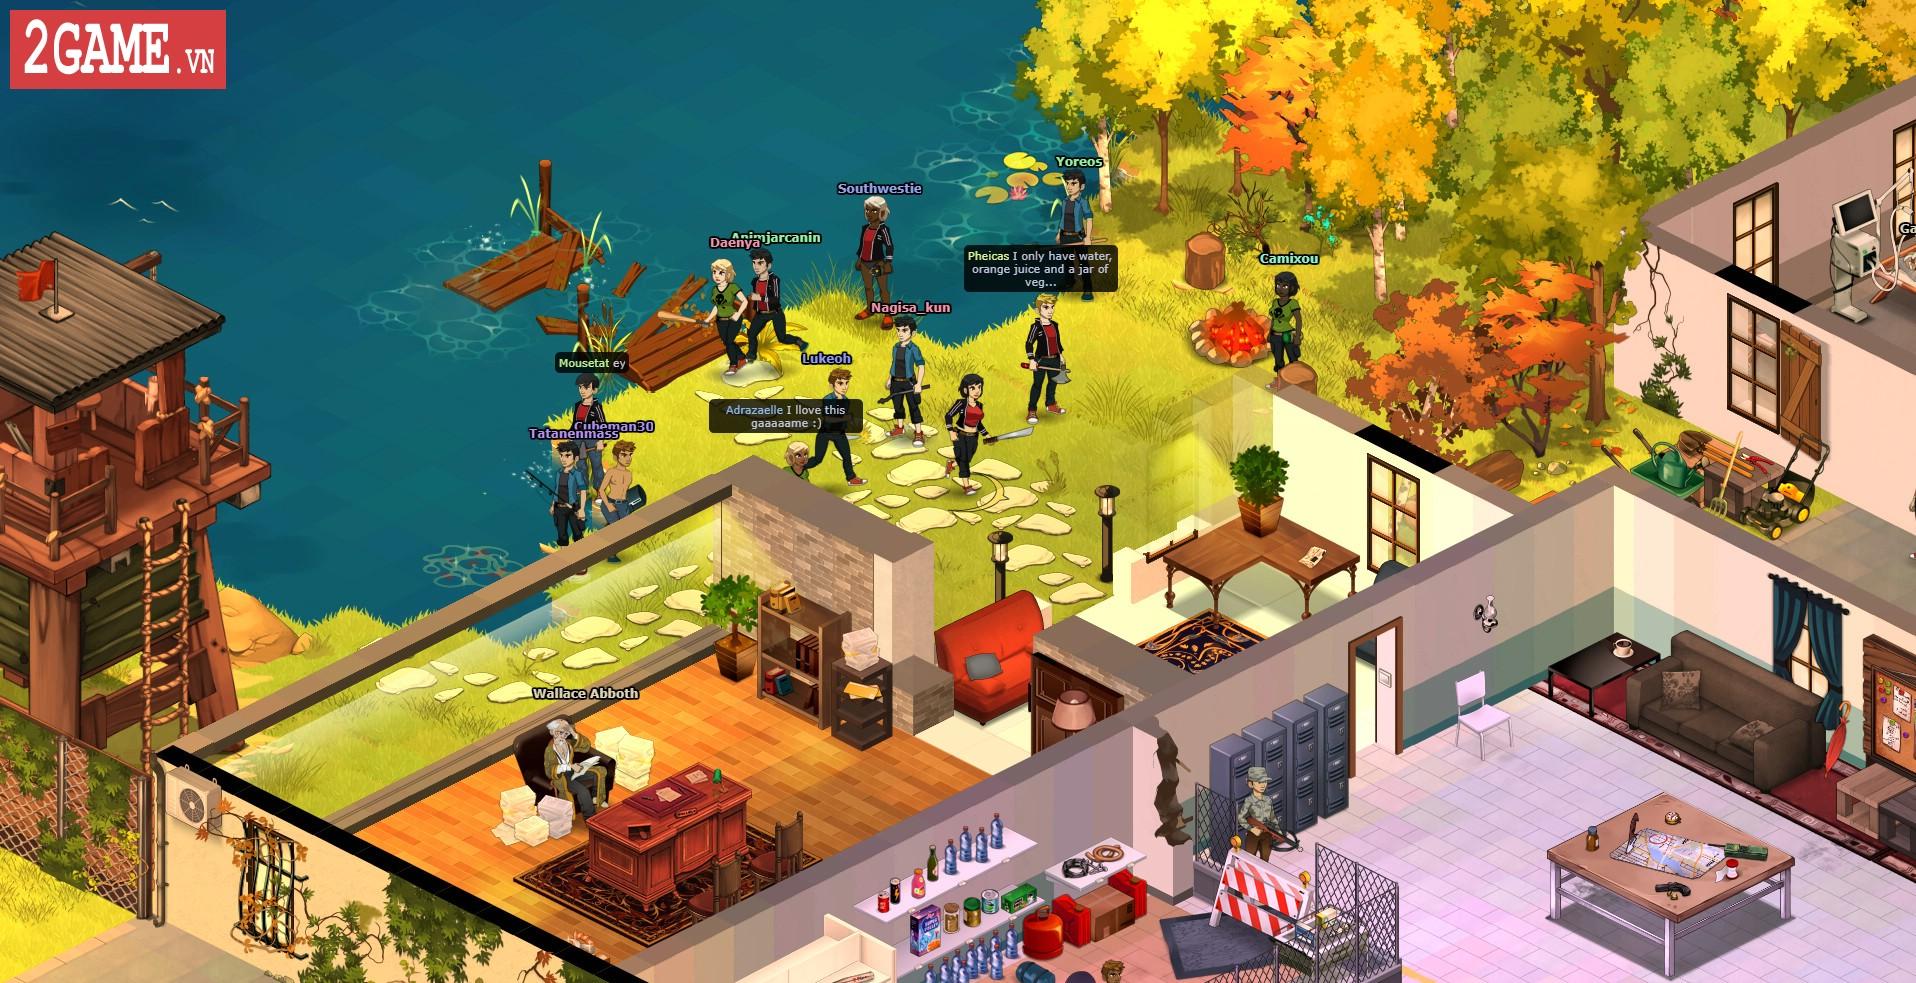 Dead Maze – Hé lộ dự án game nhập vai thế giới mở mới đầy đột phá 4